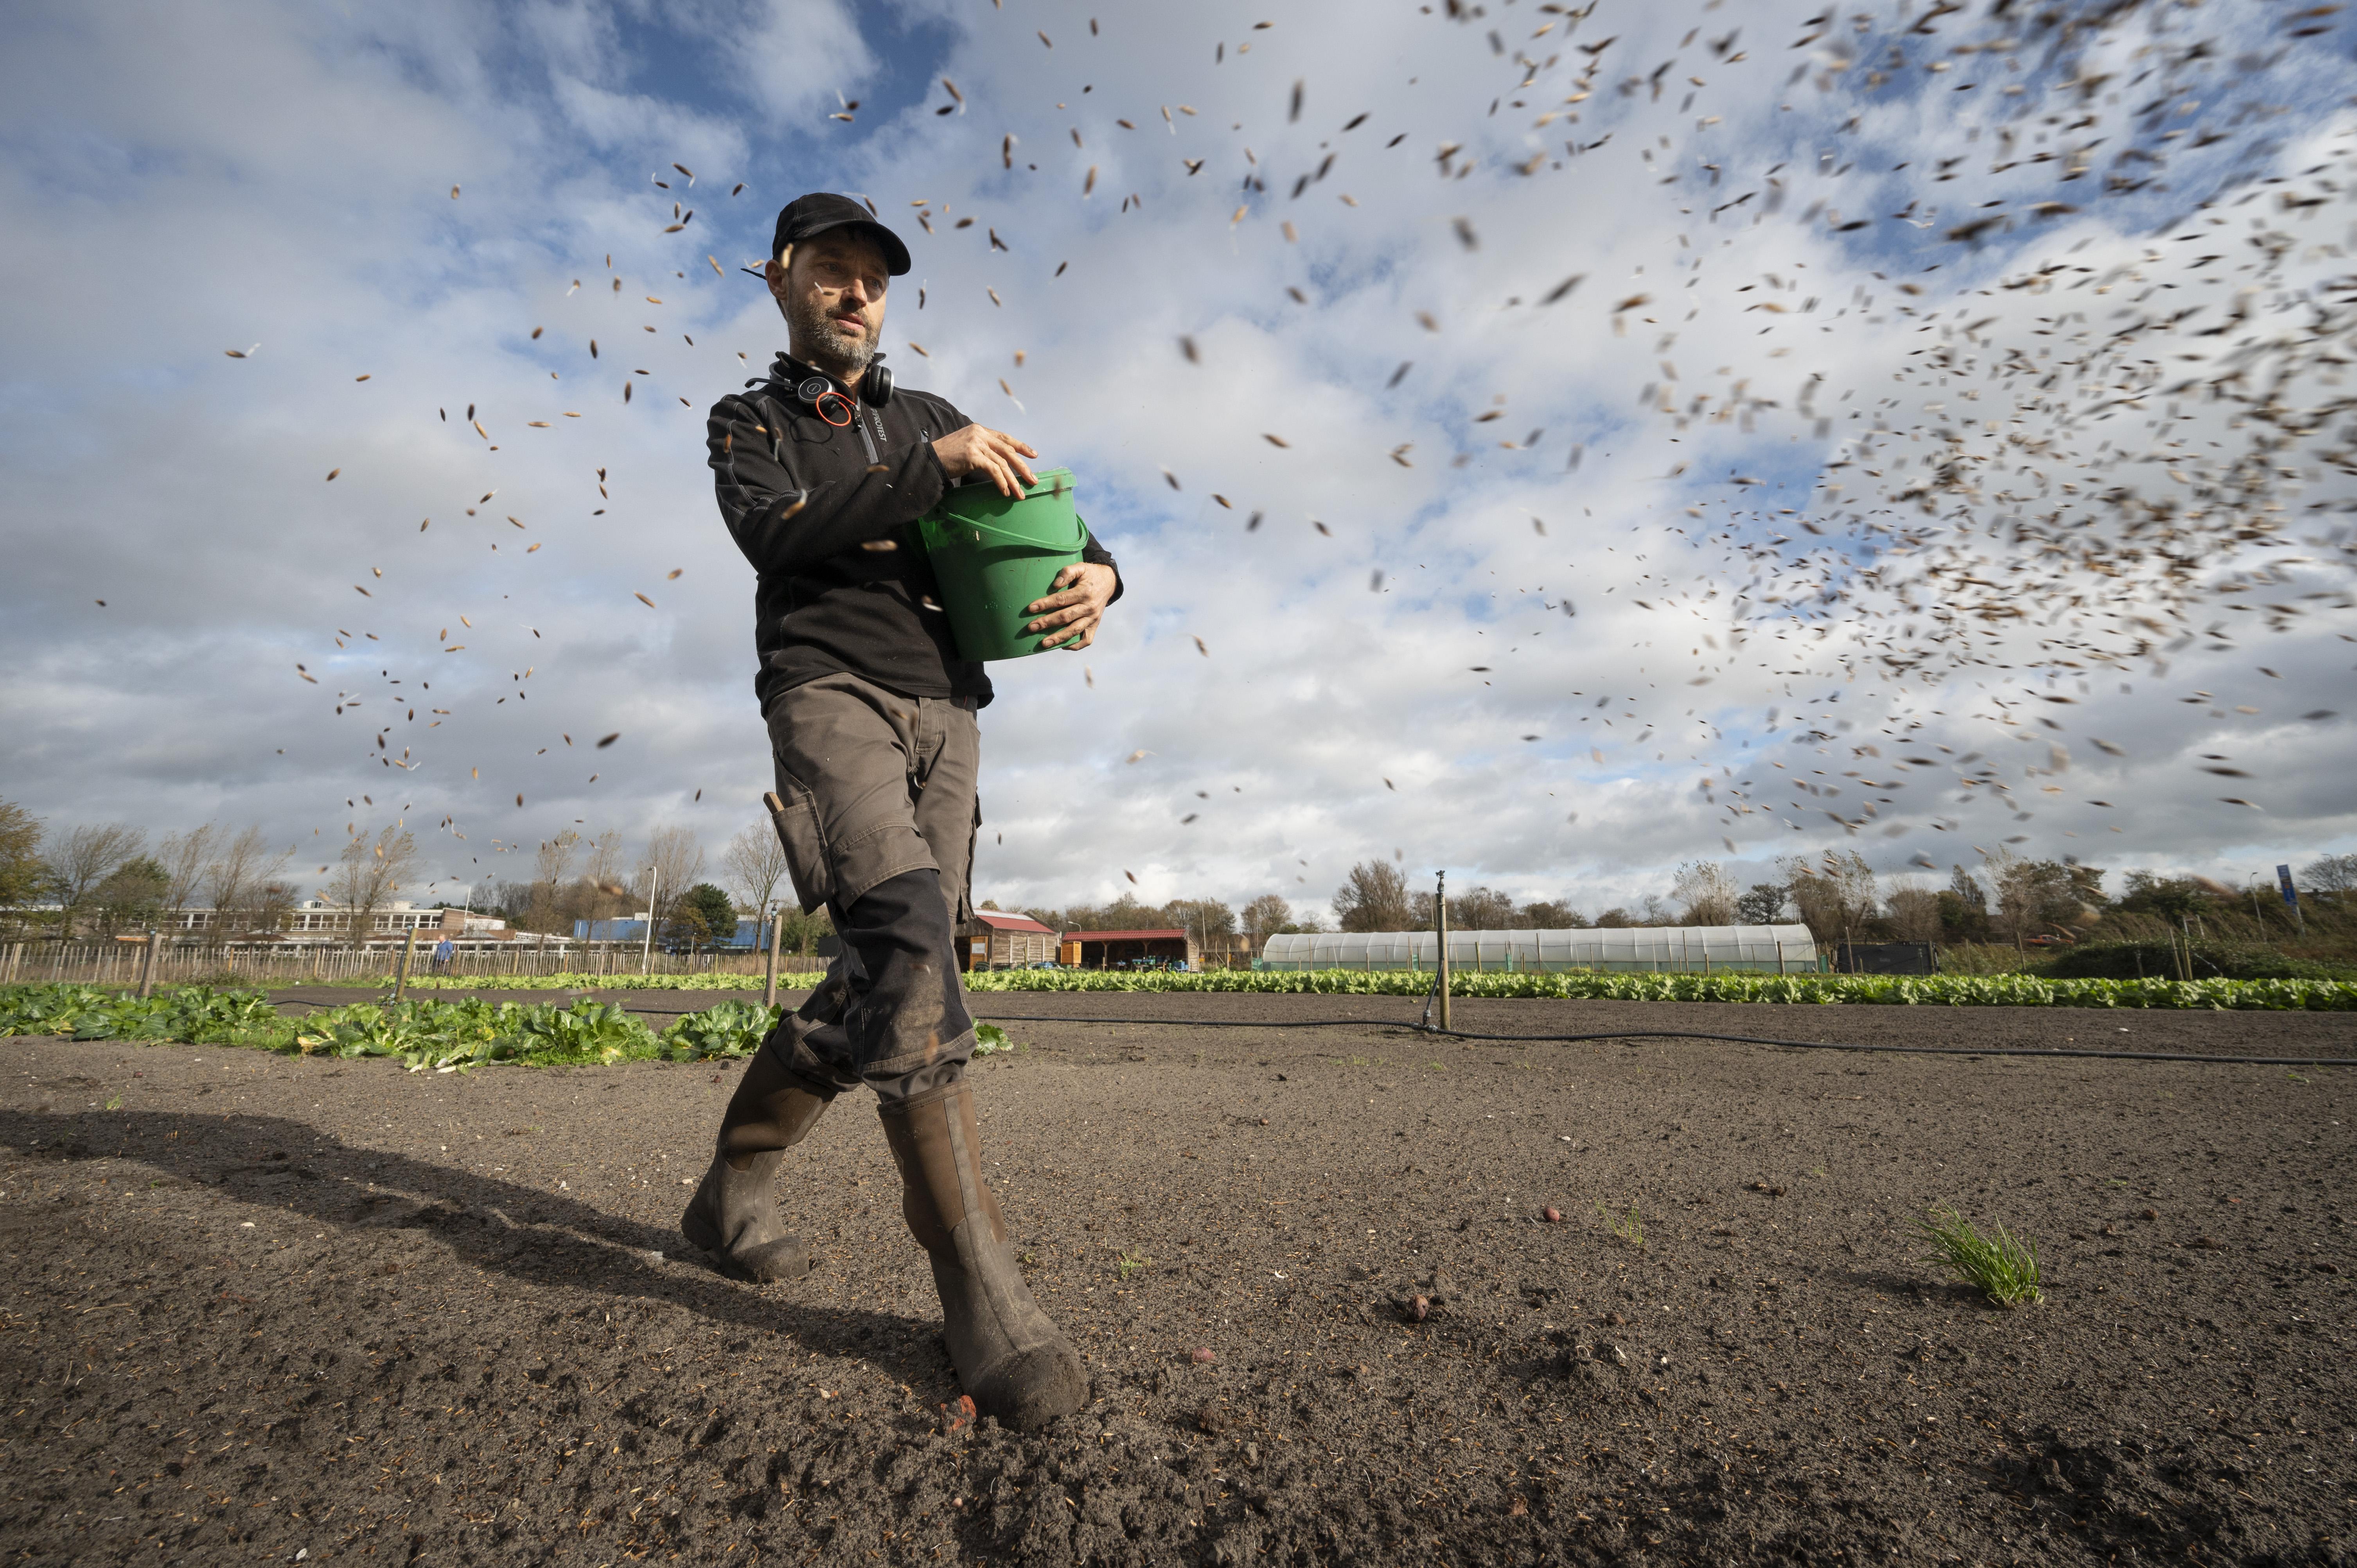 Loeren bij de boeren: 'Je bent soms aan het Willy Wortelen met de tuinbouw'